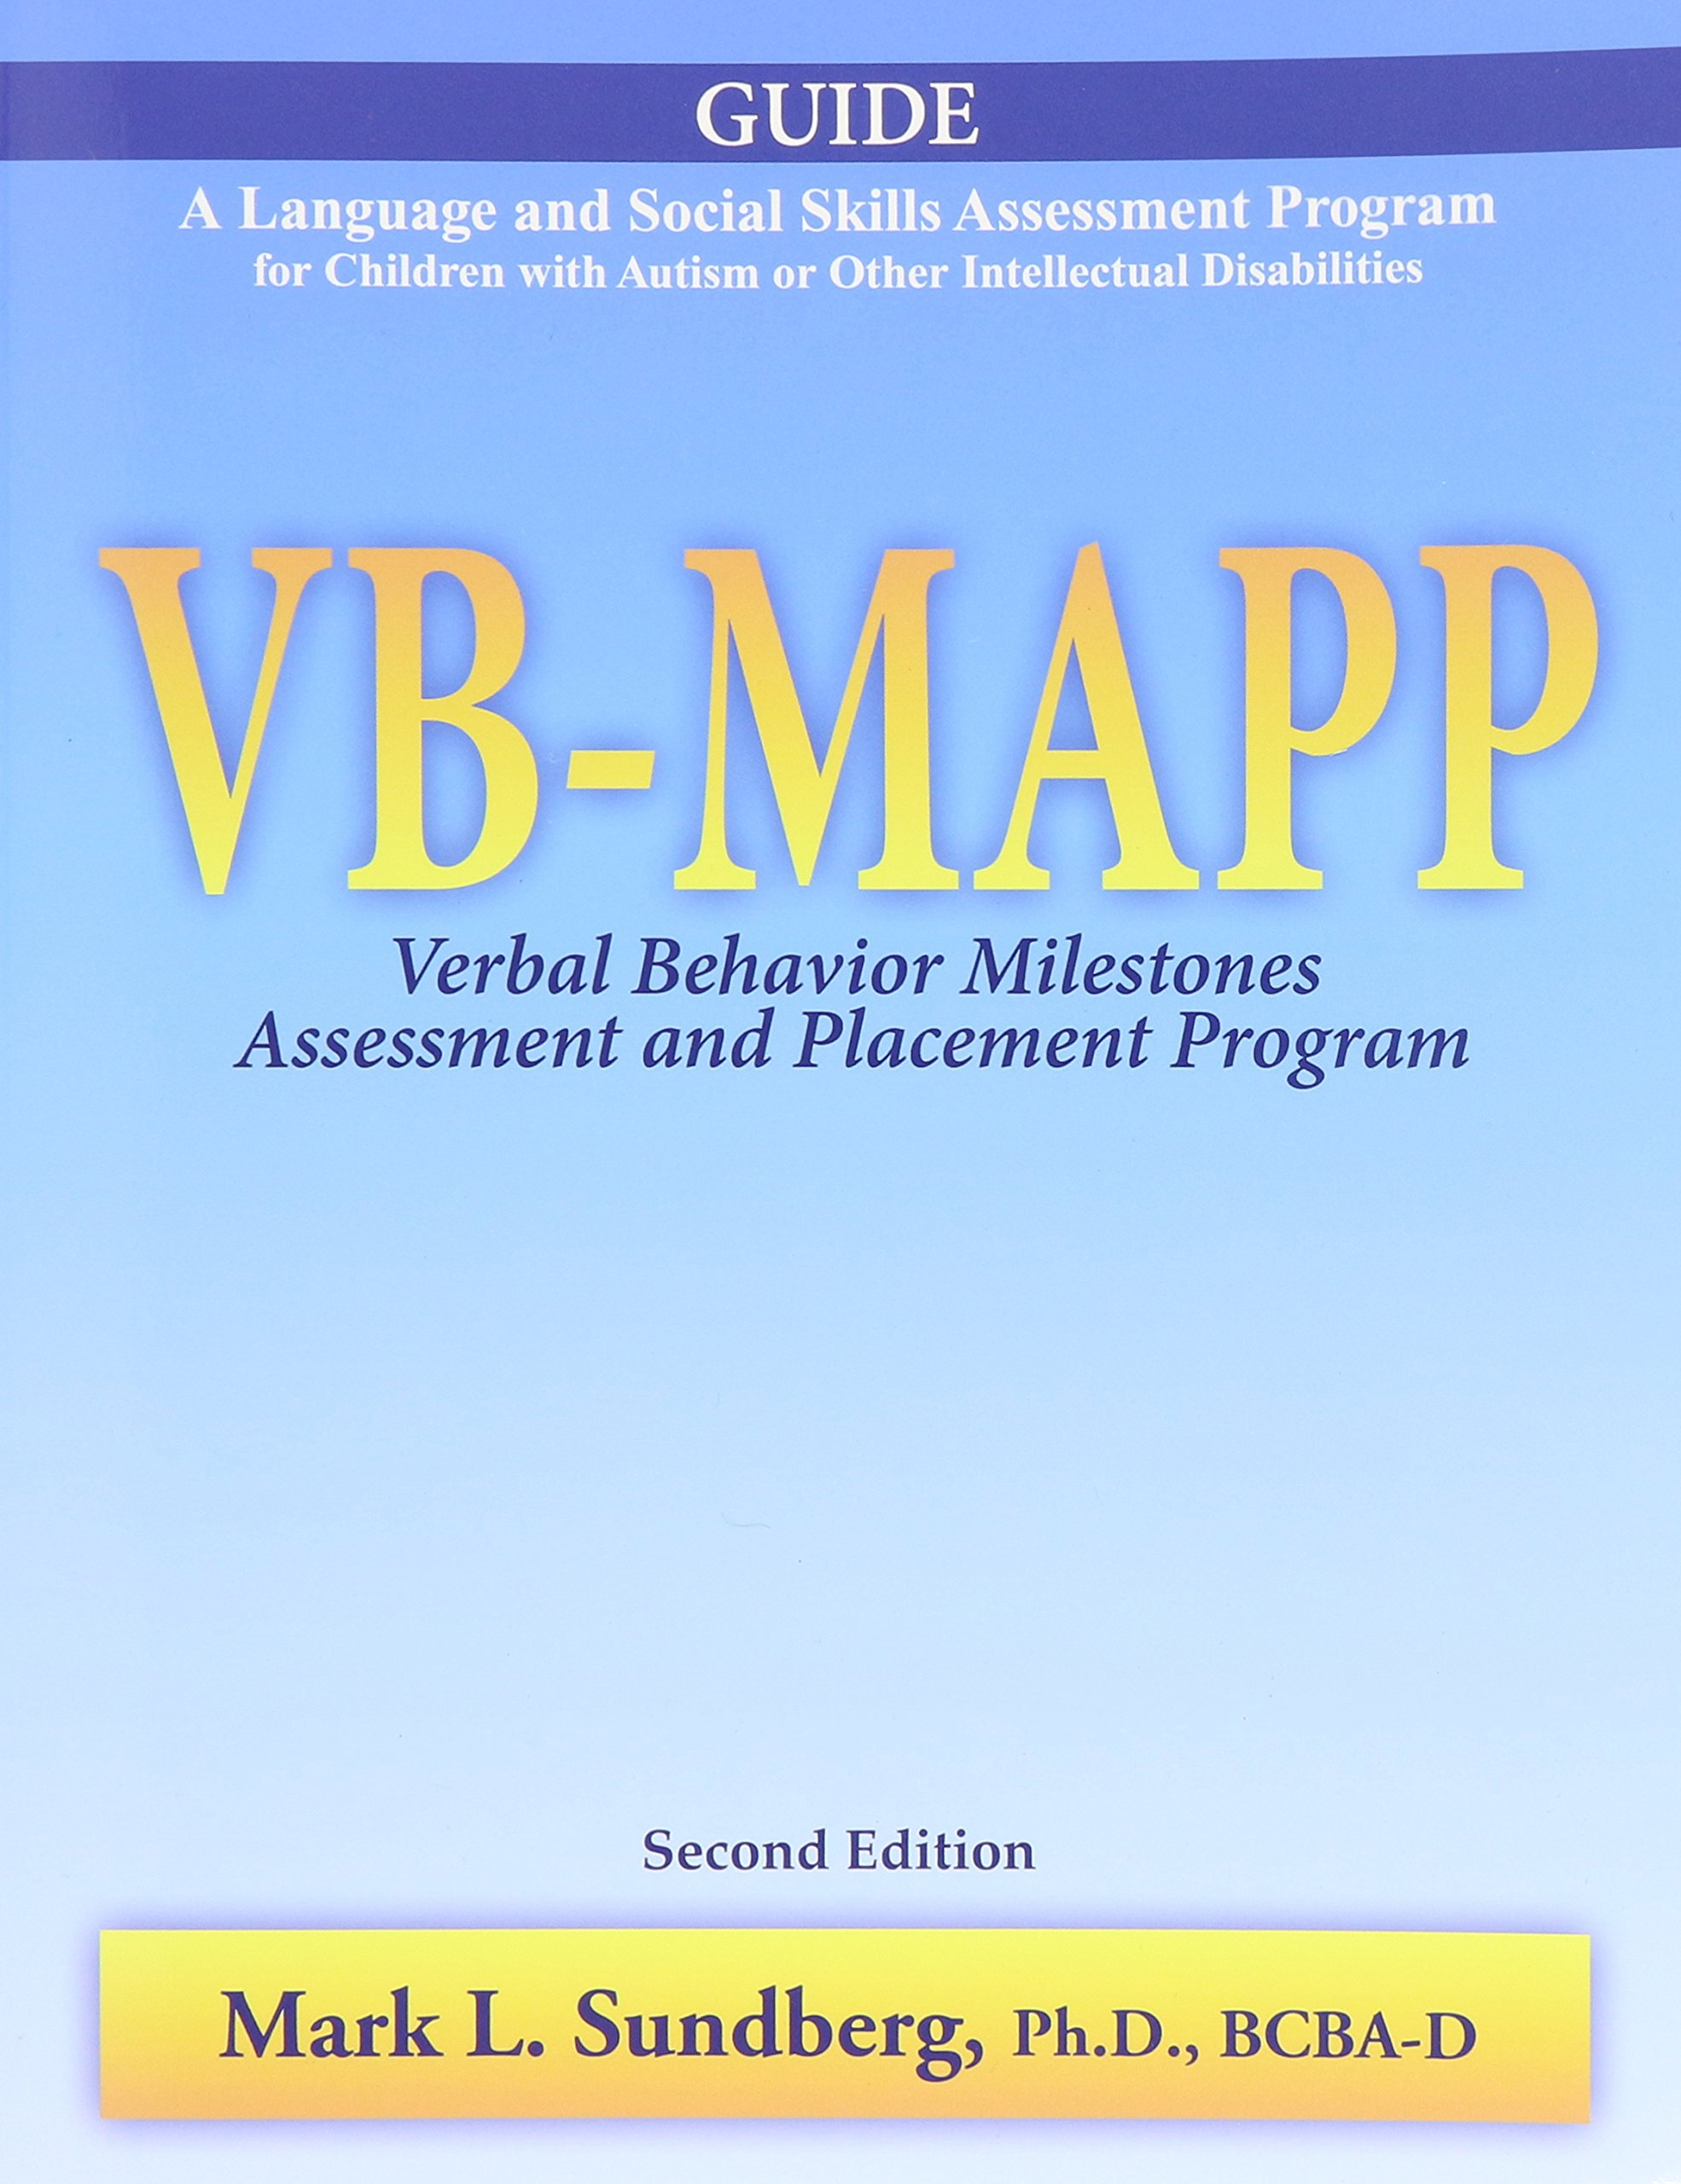 VB-MAPP: Verbal Behavior Milestones Assessment and Placement Program, Full Set by AVB Press